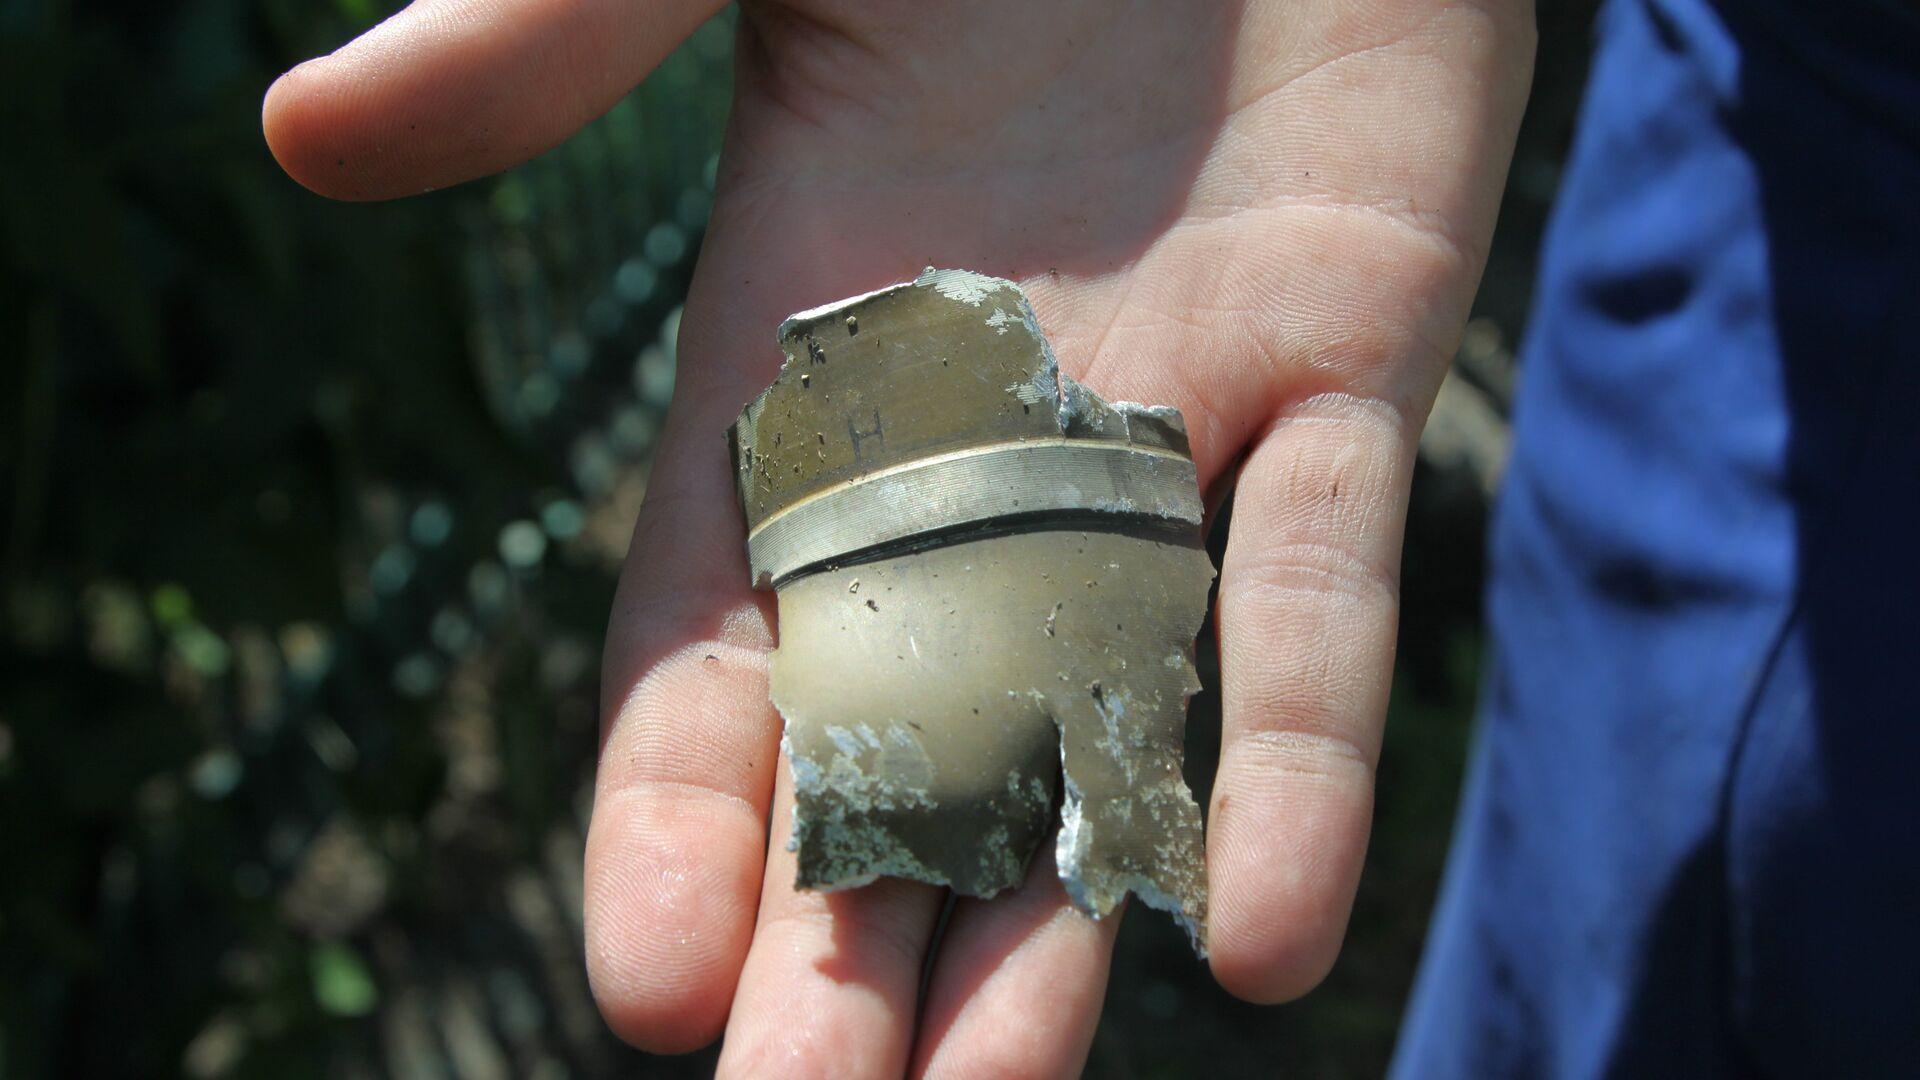 Фрагменты снаряда, найденные на месте минометного артобстрела - РИА Новости, 1920, 09.05.2021